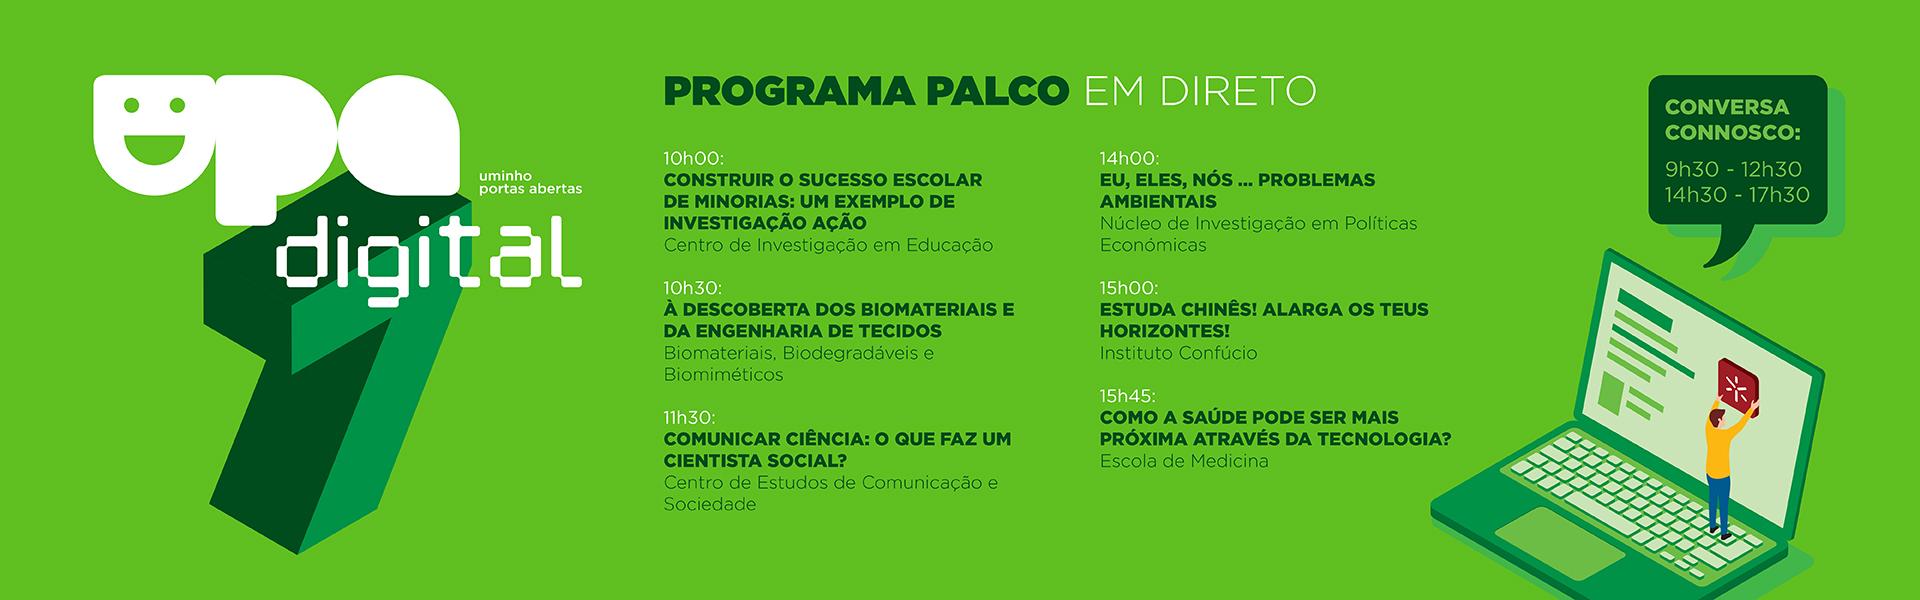 Programa - 7 de maio